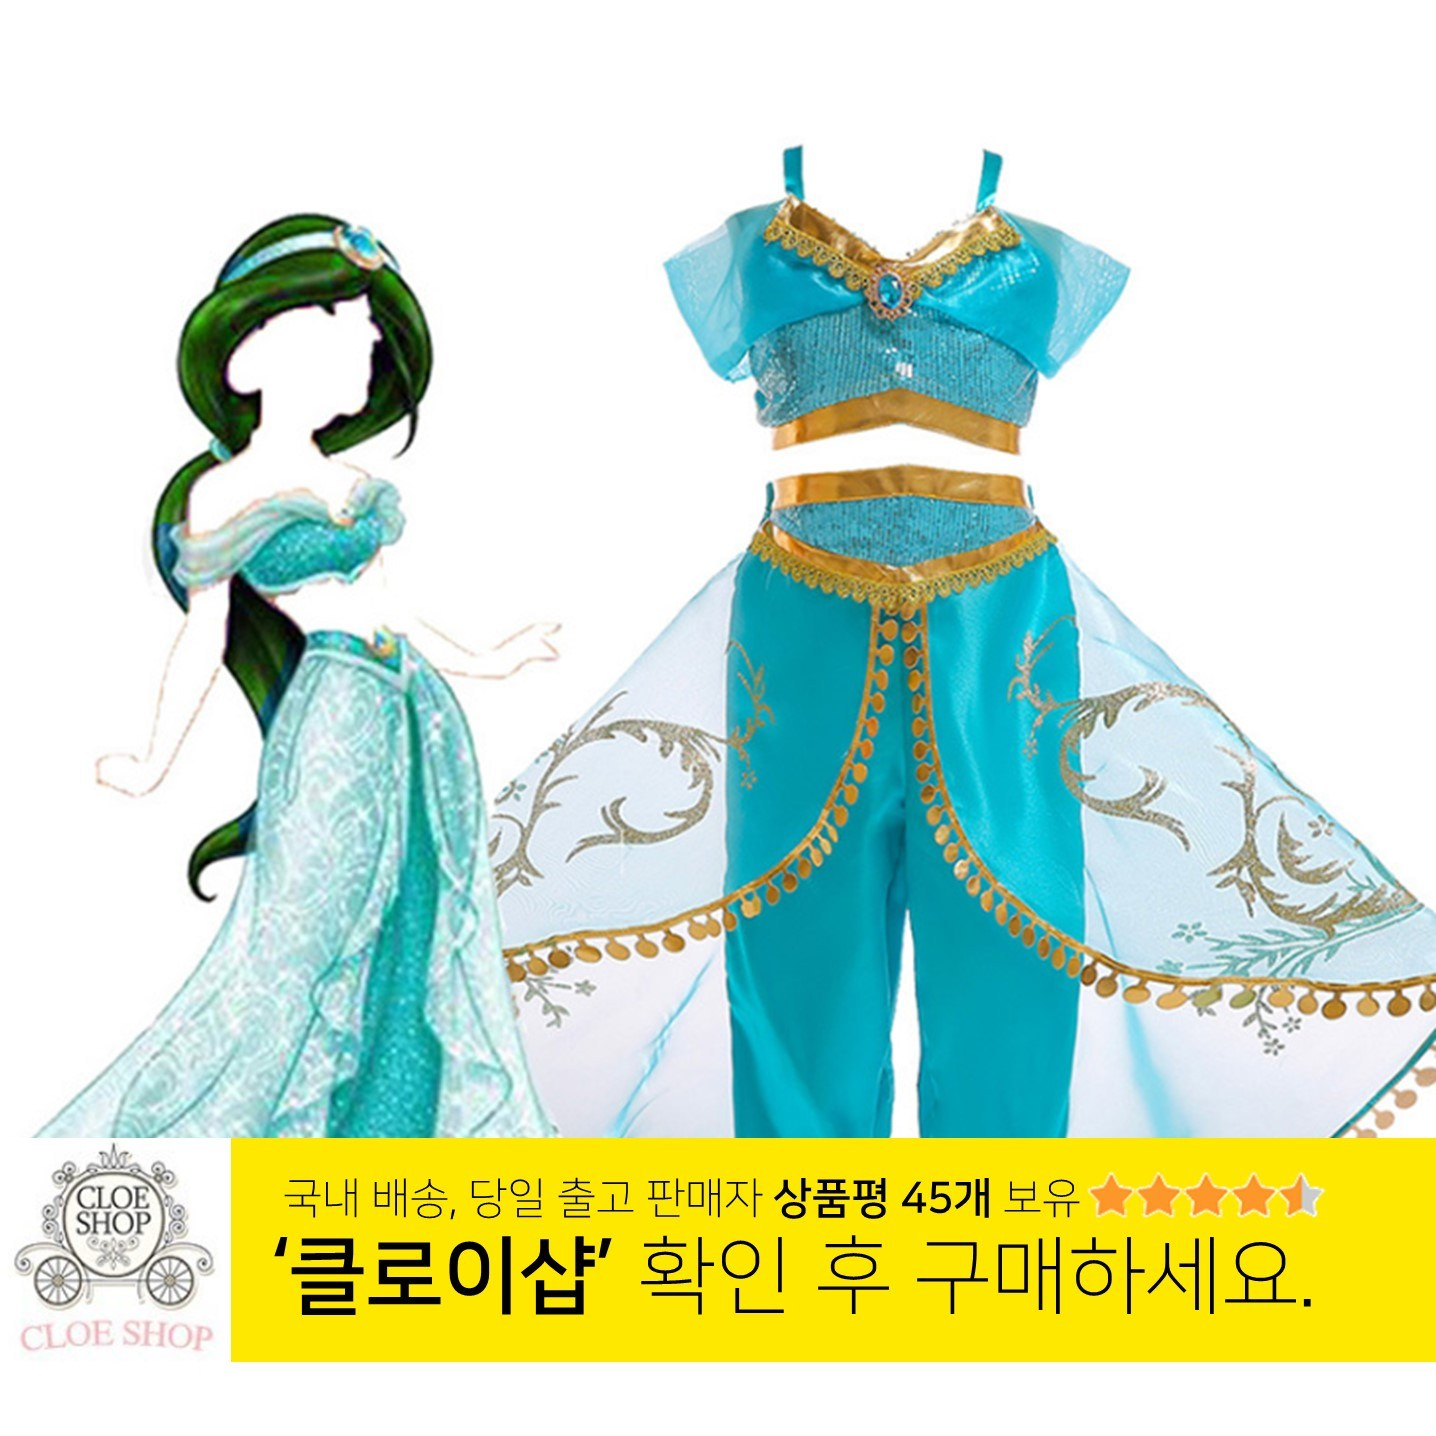 클로이샵 알라딘 의상 자스민 공주 드레스 원피스 캐릭터